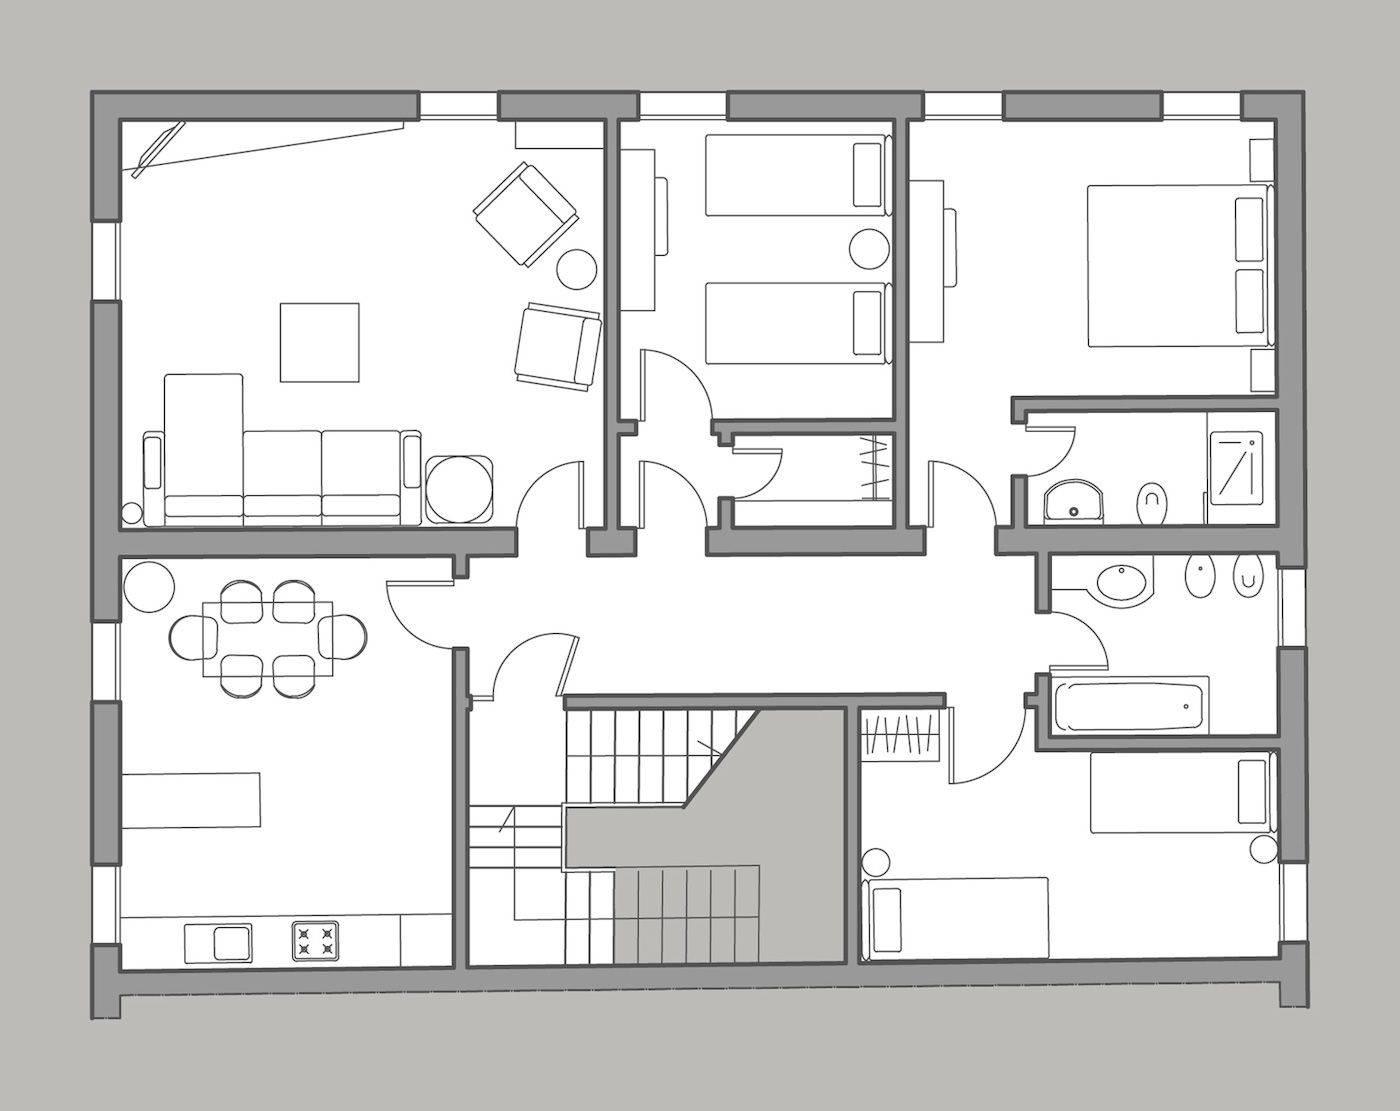 Sansovino floor plan